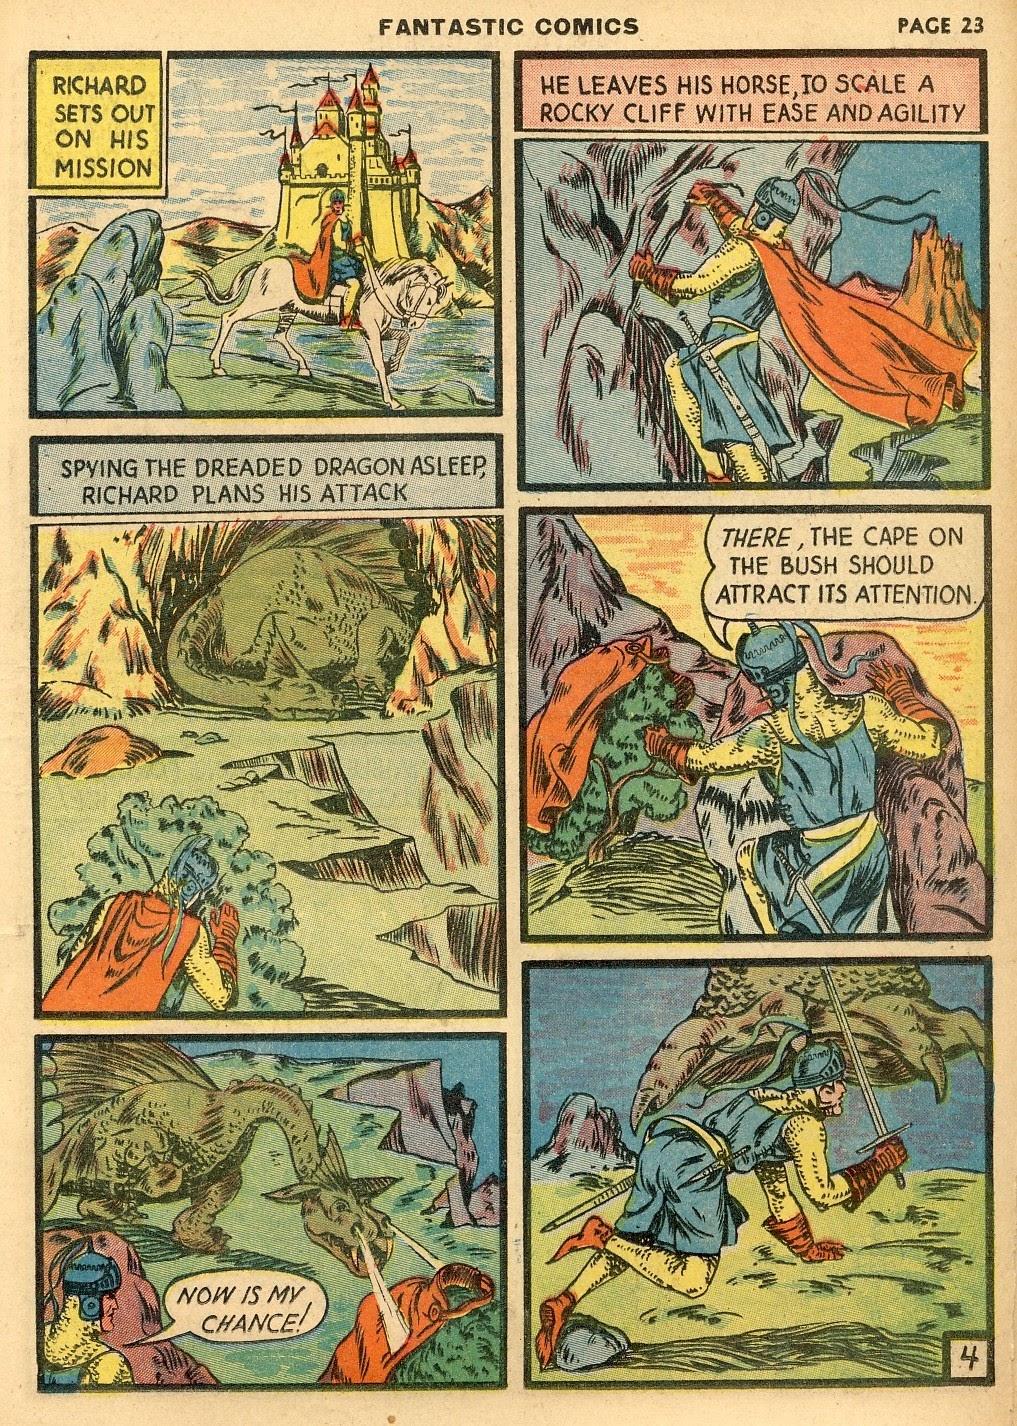 Read online Fantastic Comics comic -  Issue #10 - 24